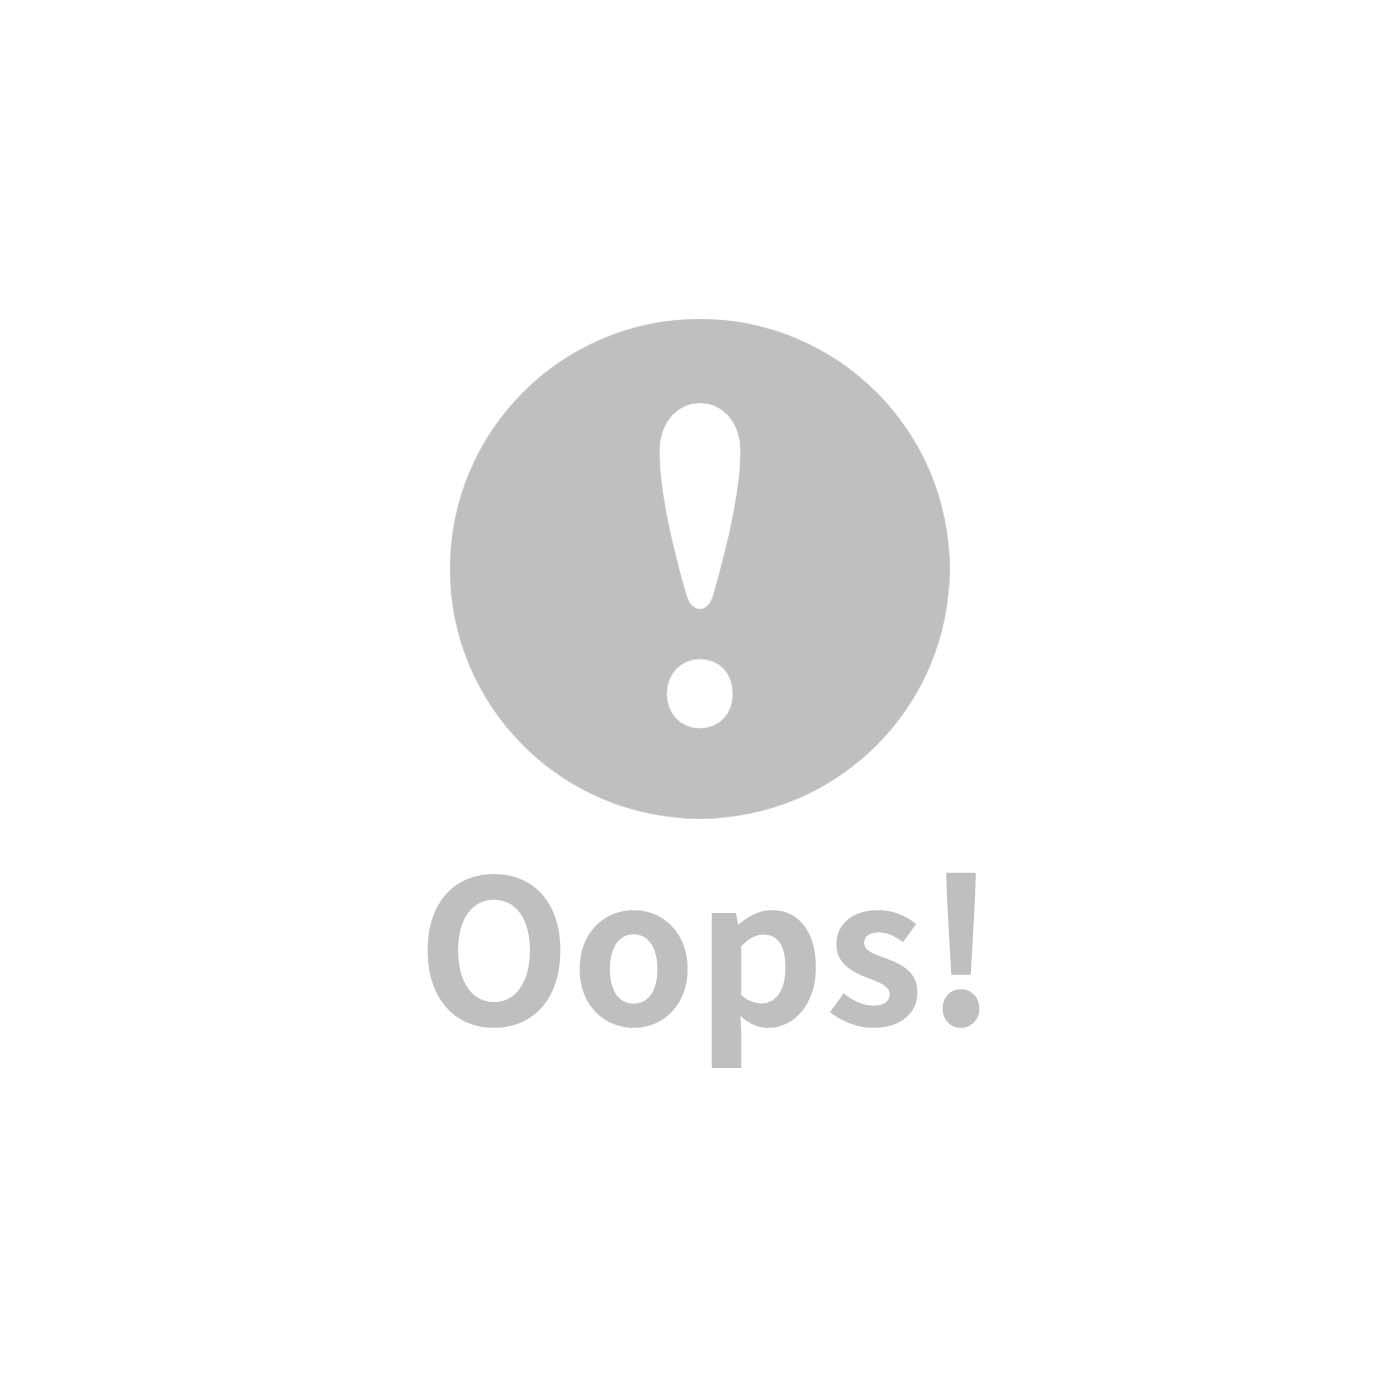 global affairs 童話手工編織安撫玩偶(36cm)-功夫熊貓